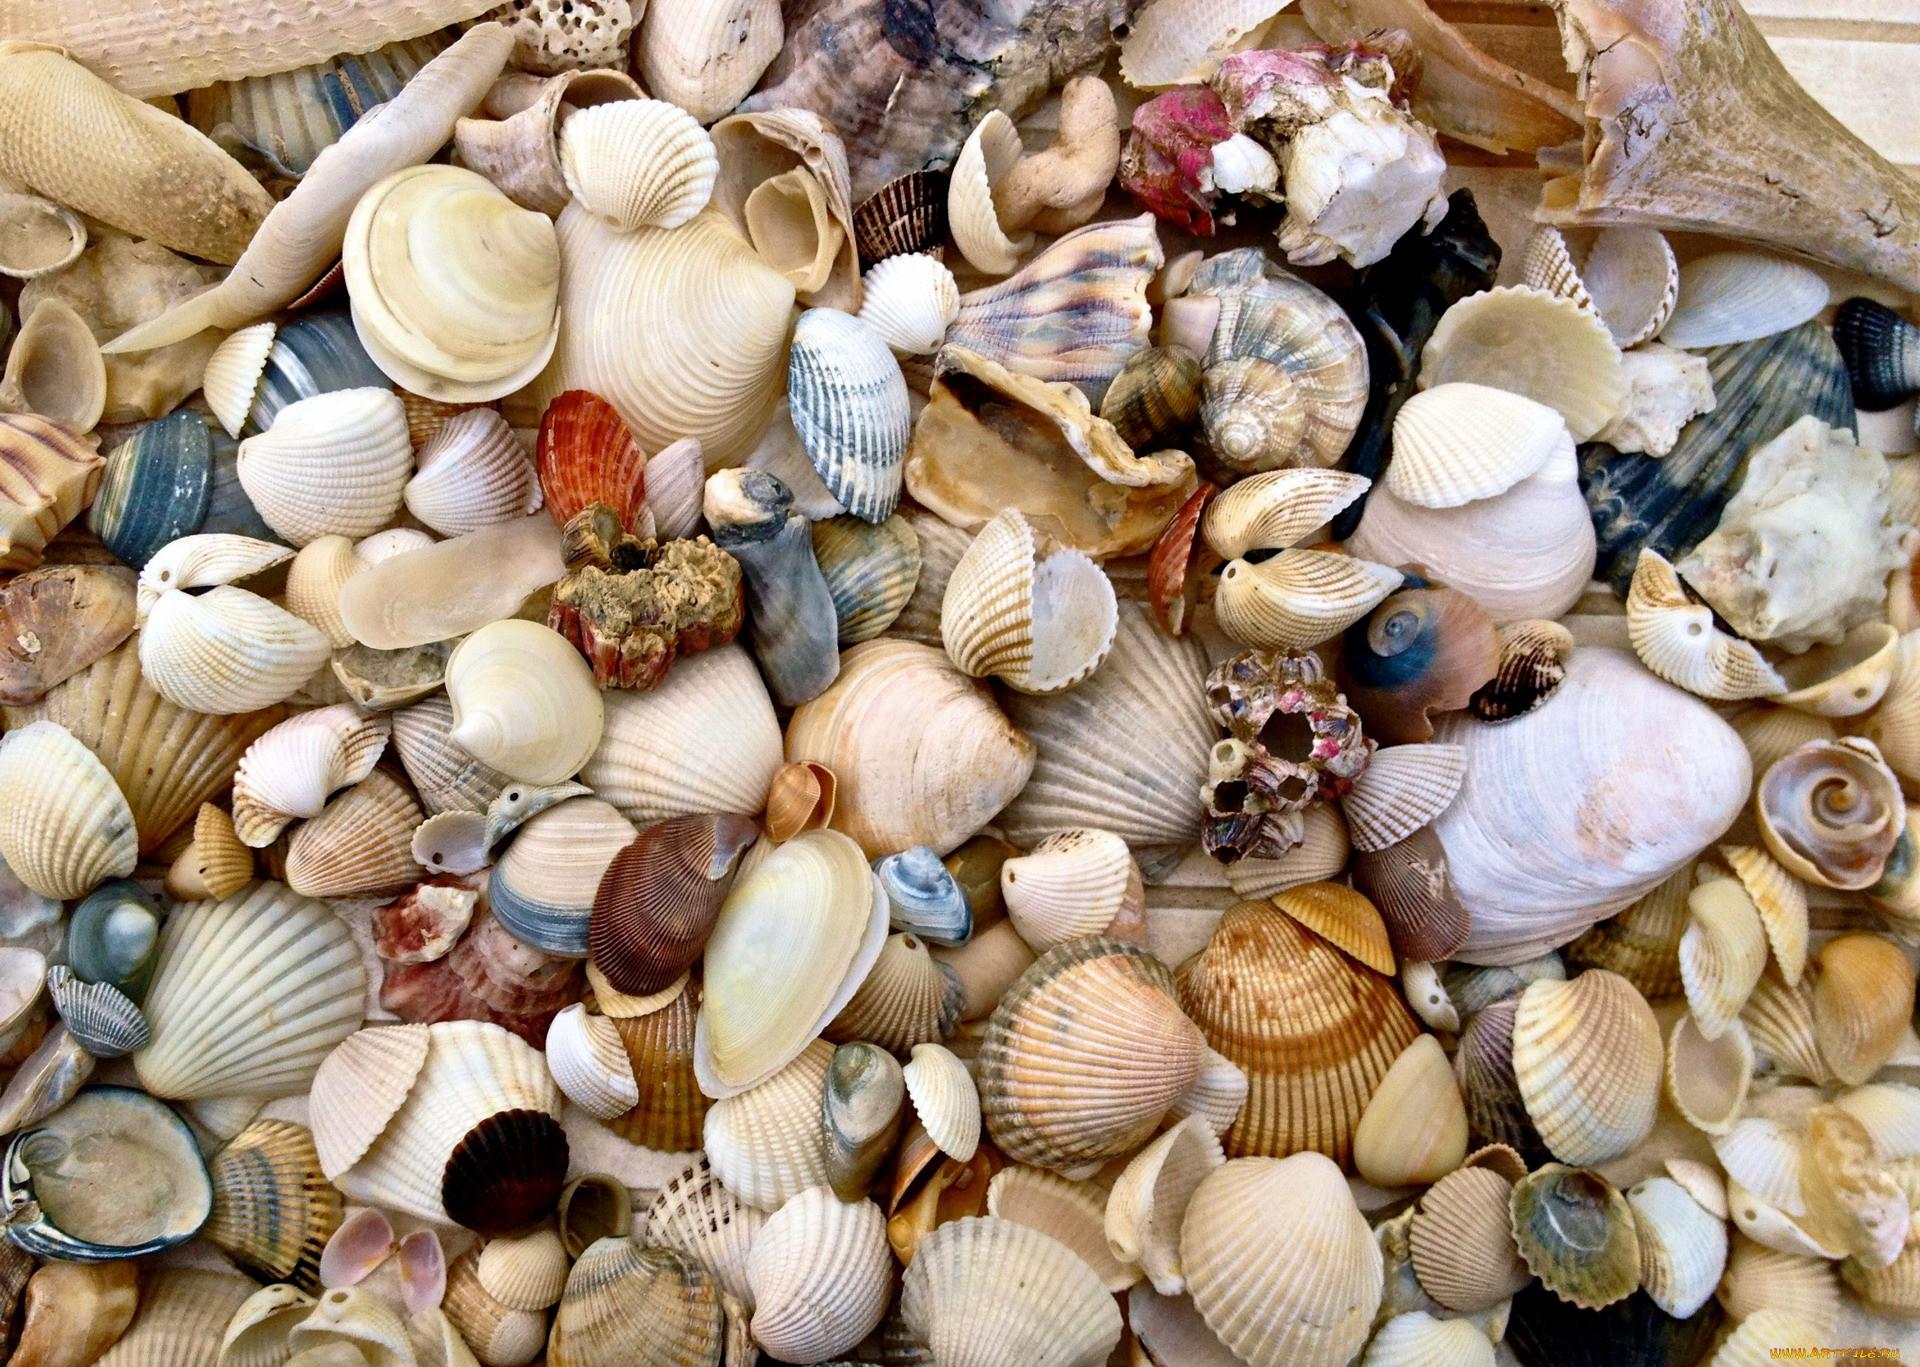 красивые картинки про море и ракушки побываем знаменитой лавке